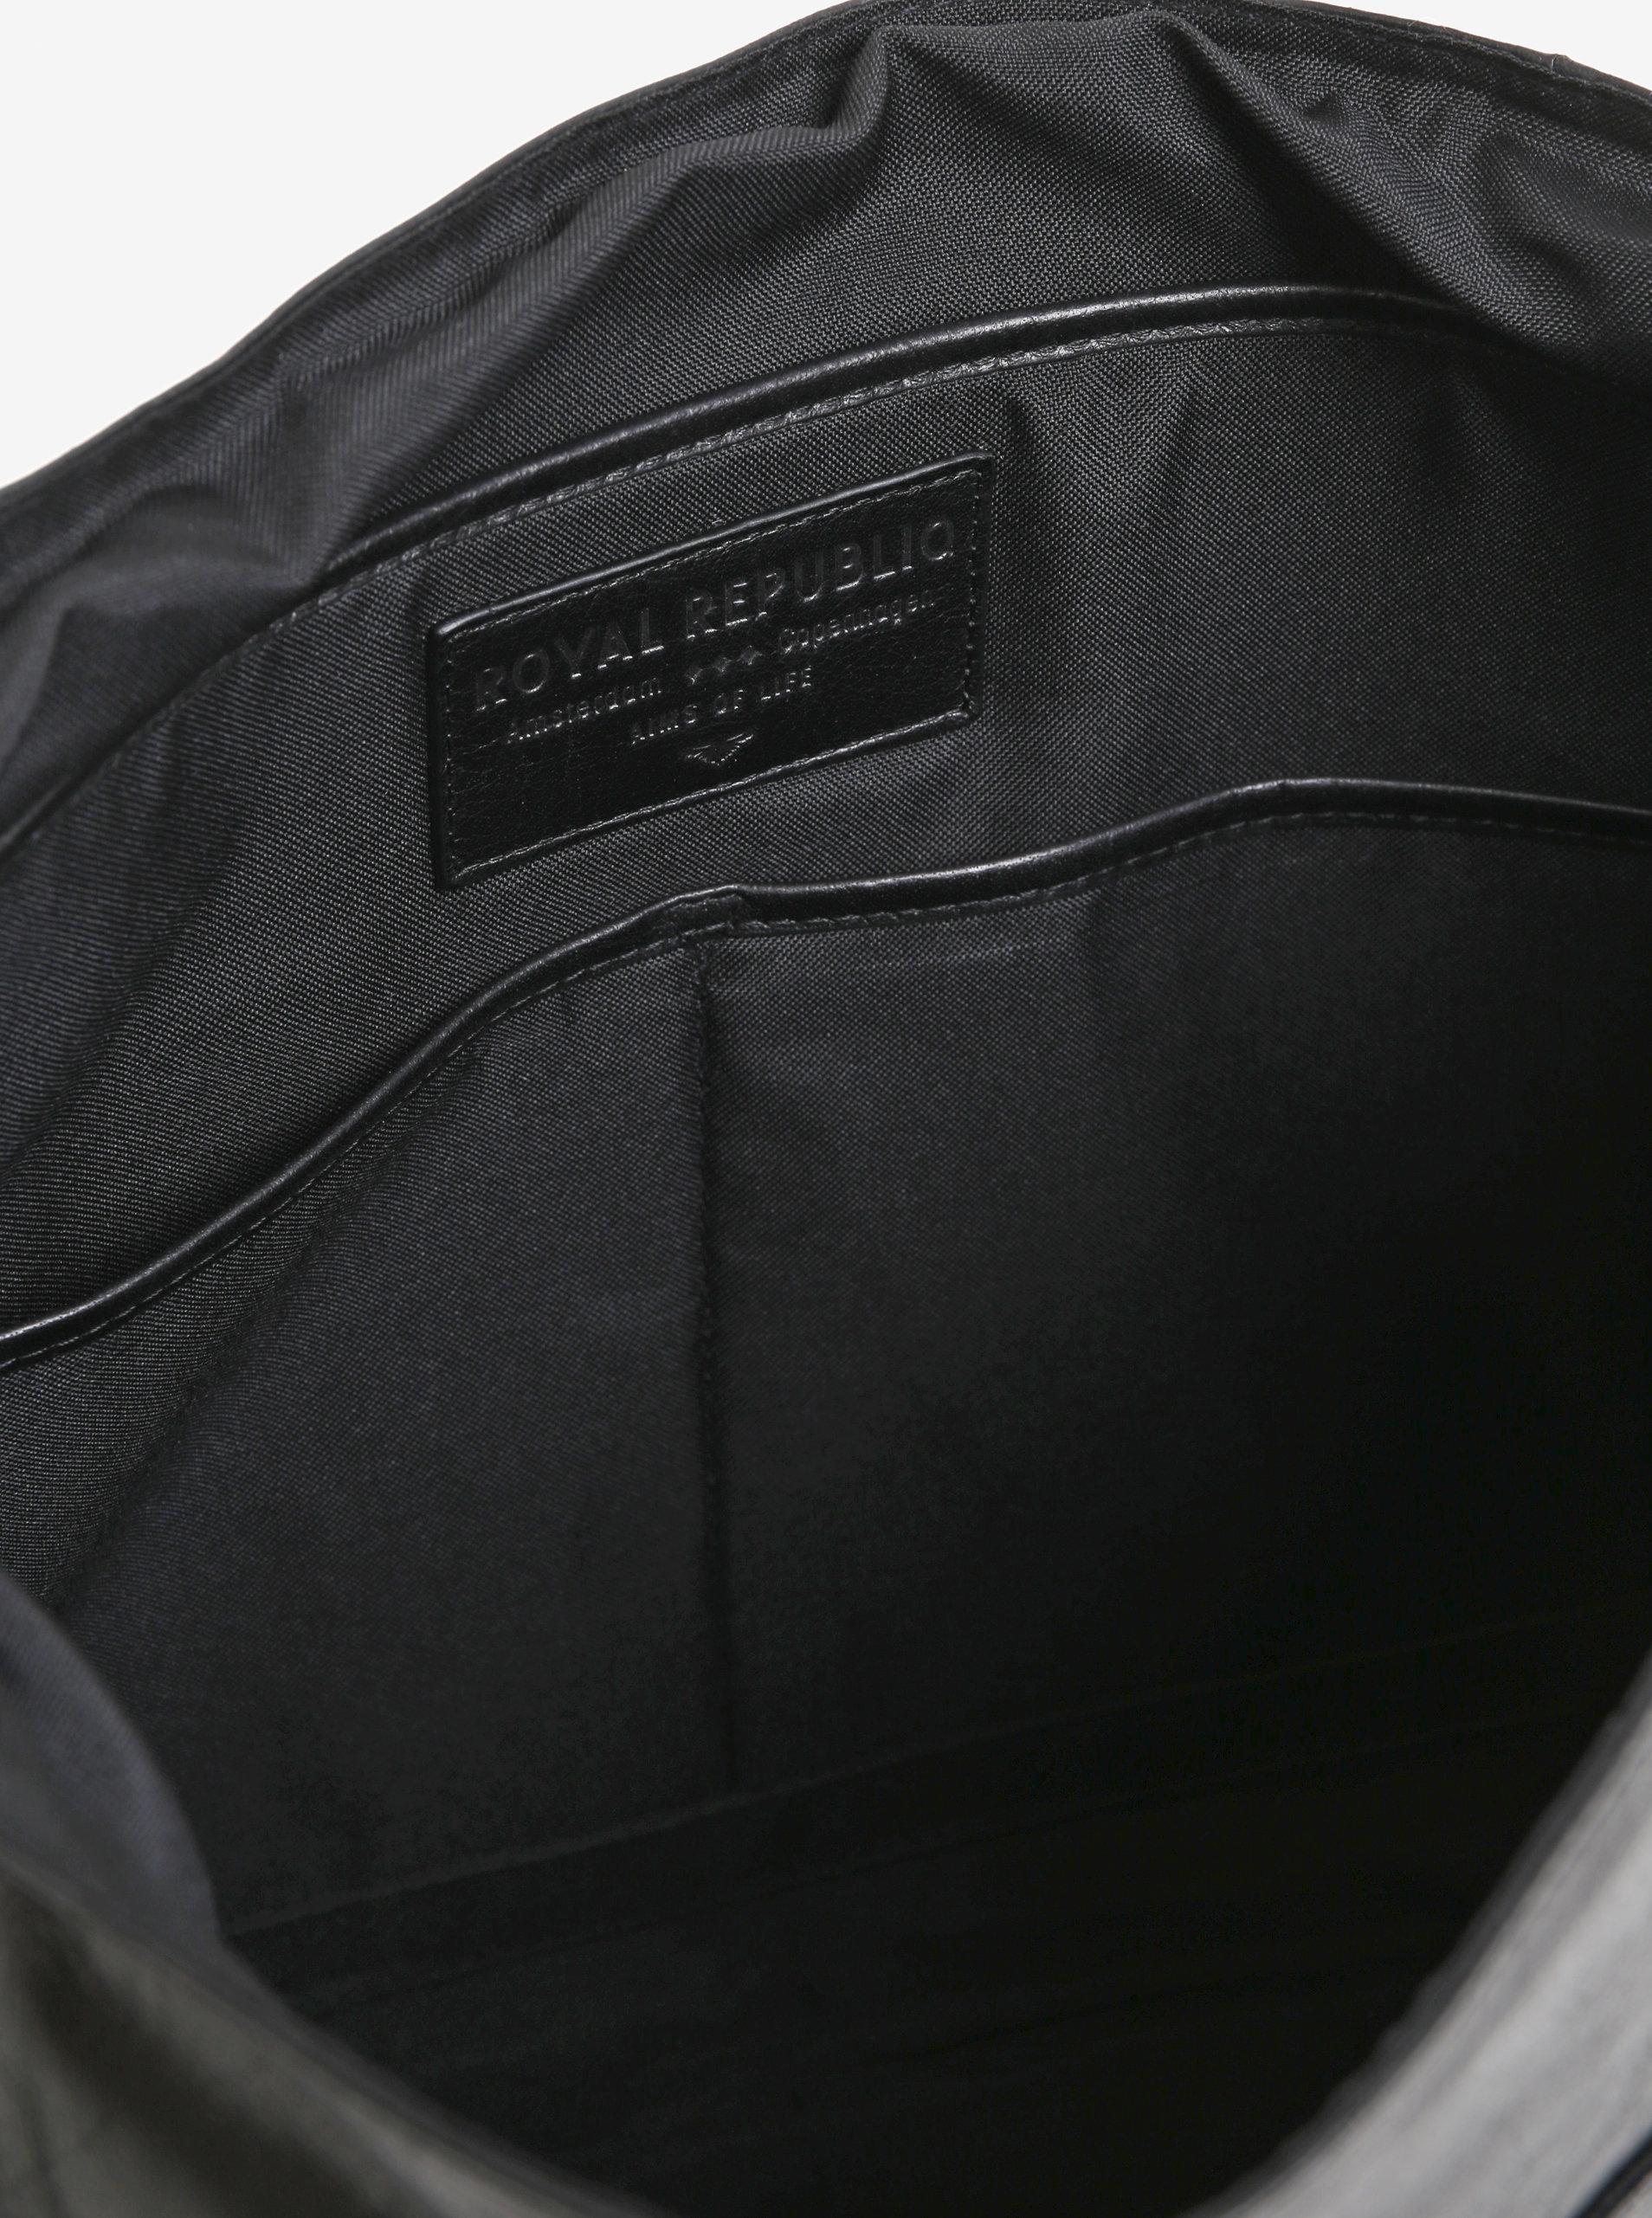 1f946ff073 Čierna pánska kožená taška na notebook Royal RepubliQ Essential ...